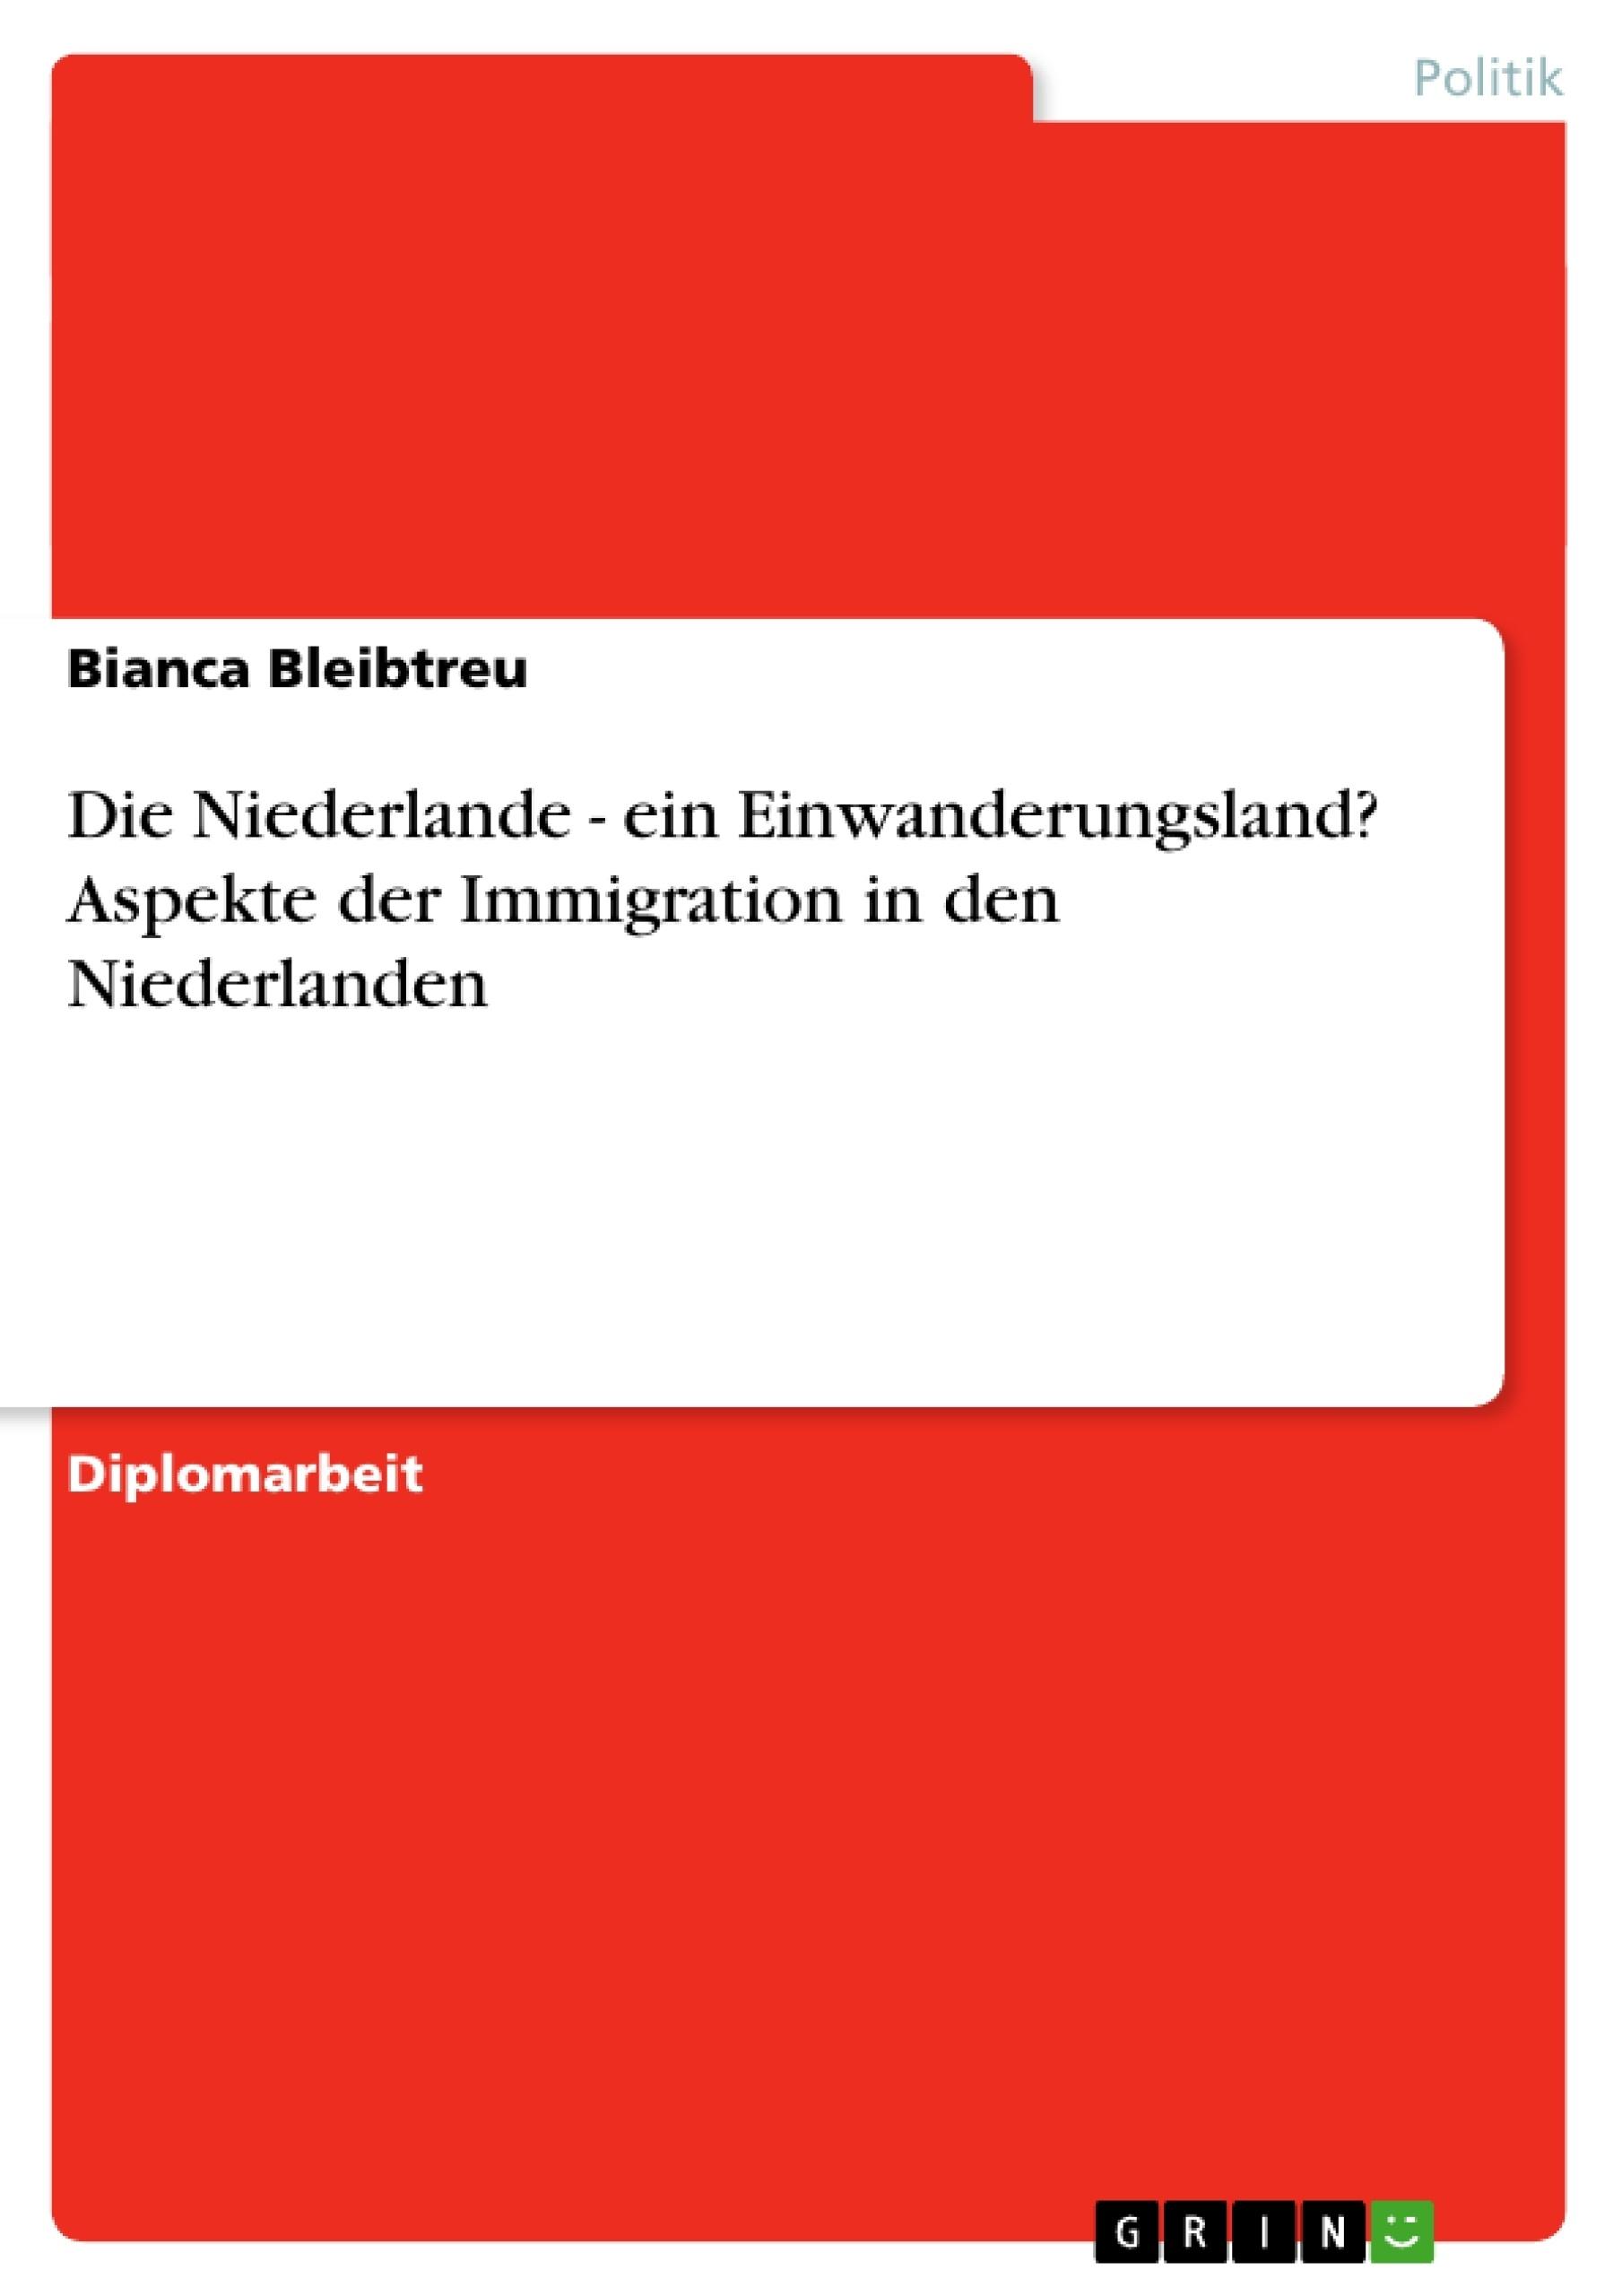 Titel: Die Niederlande - ein Einwanderungsland? Aspekte der Immigration in den Niederlanden